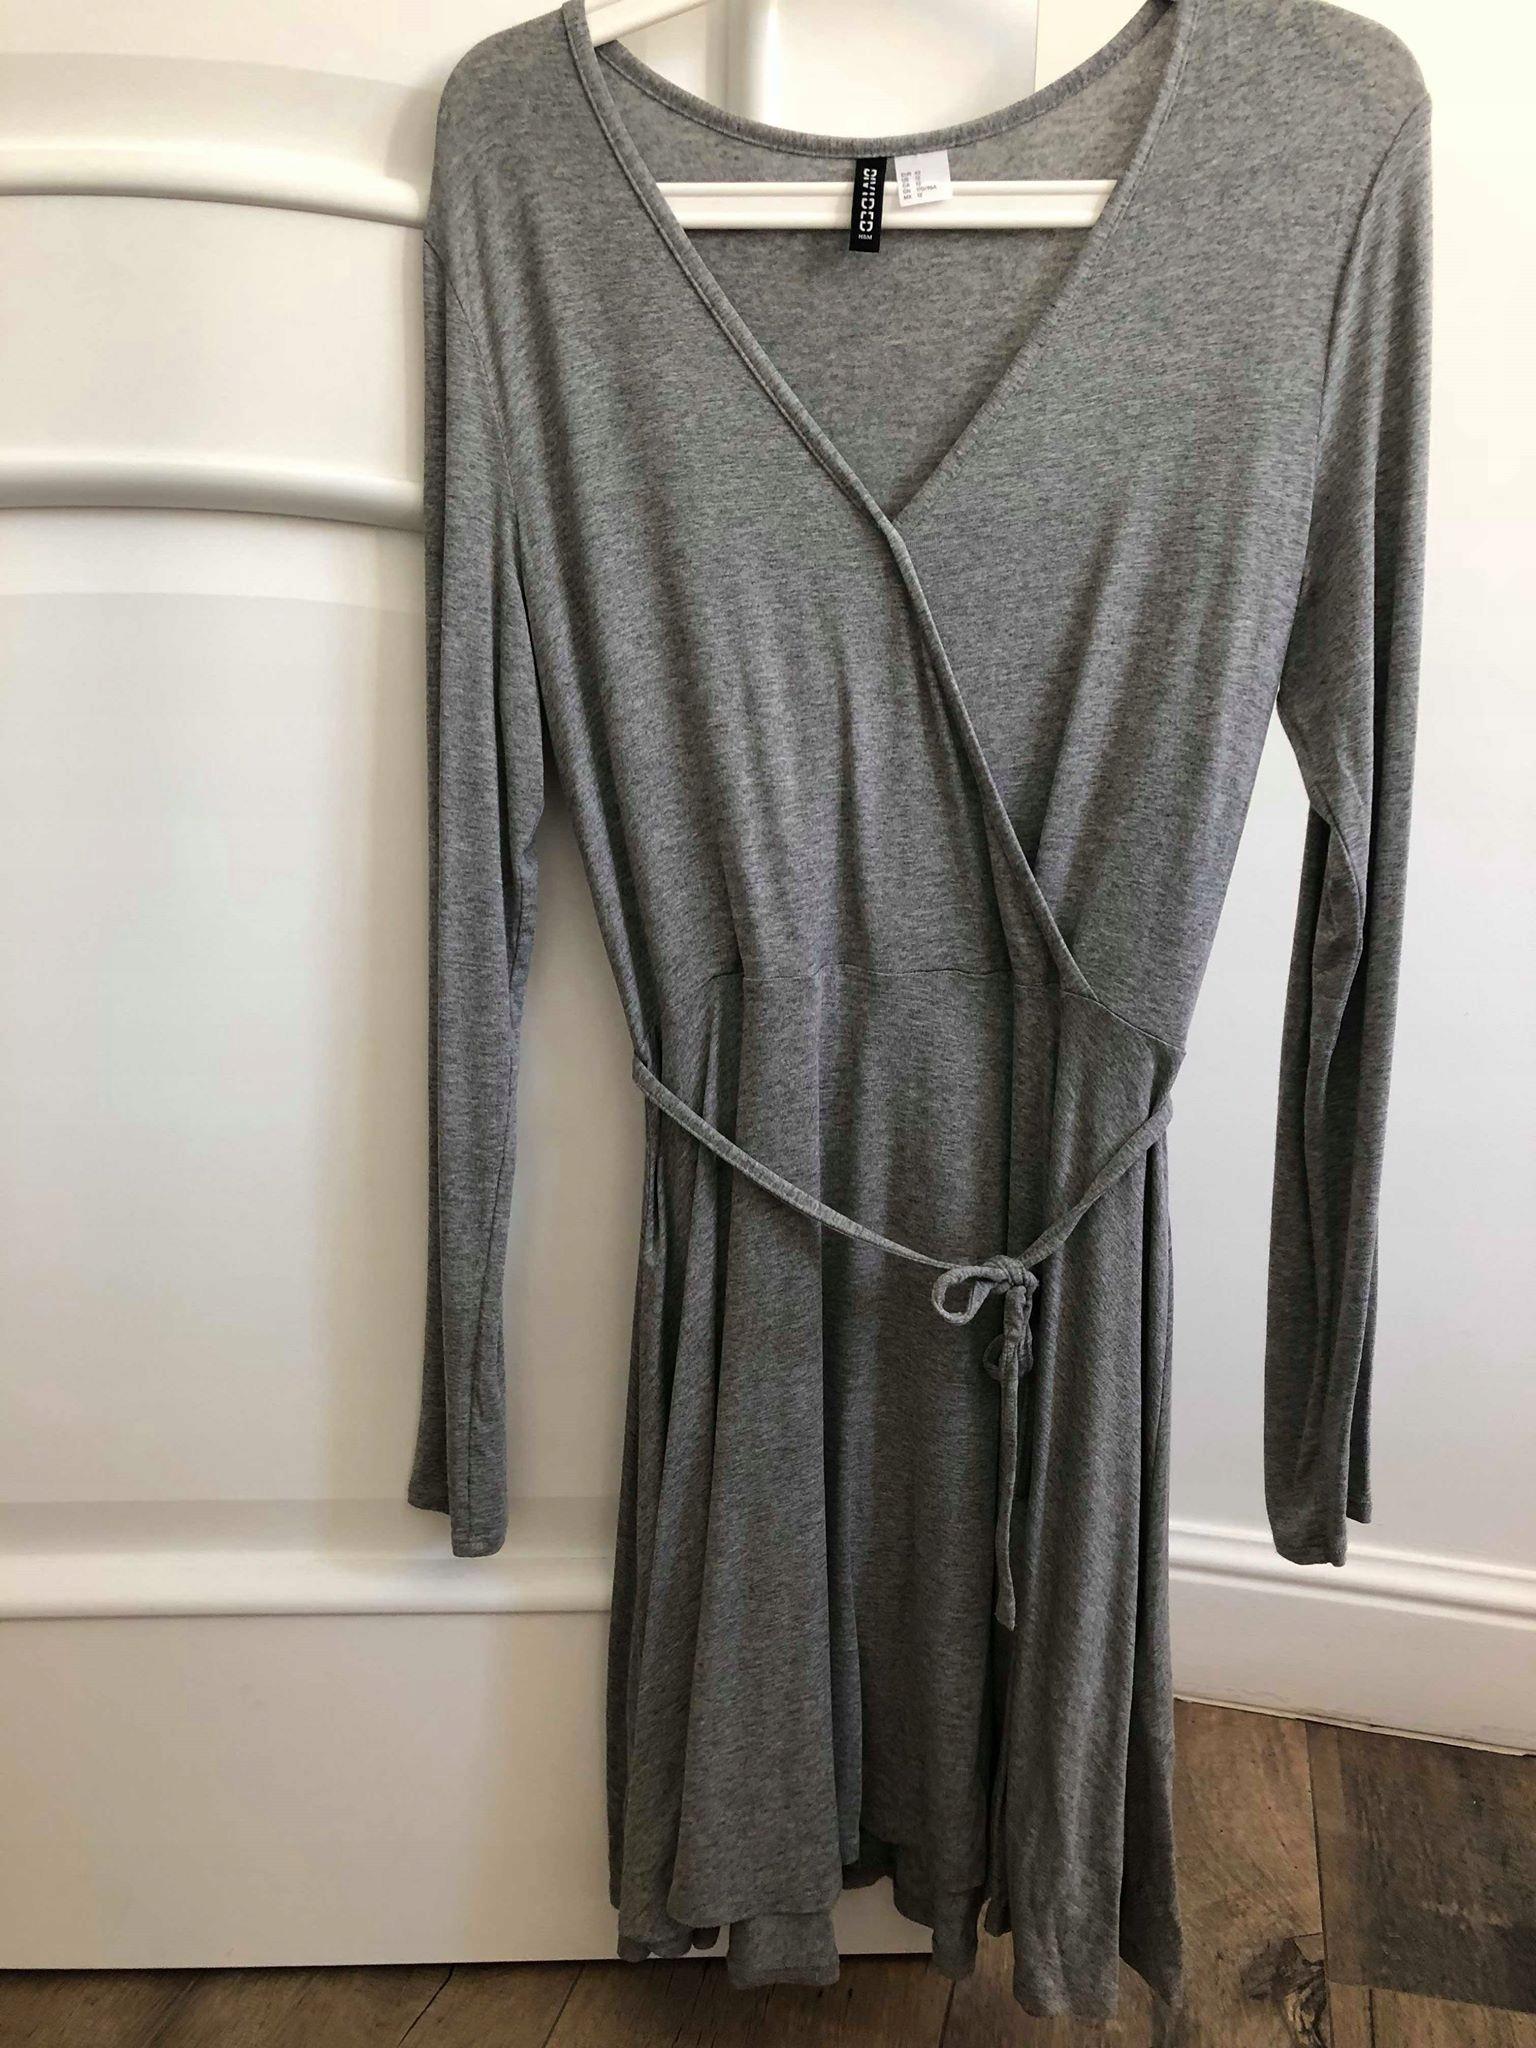 deb307afe4 Szara sukienka wiązana - szlafrok H M r.42 - 7377546308 - oficjalne ...